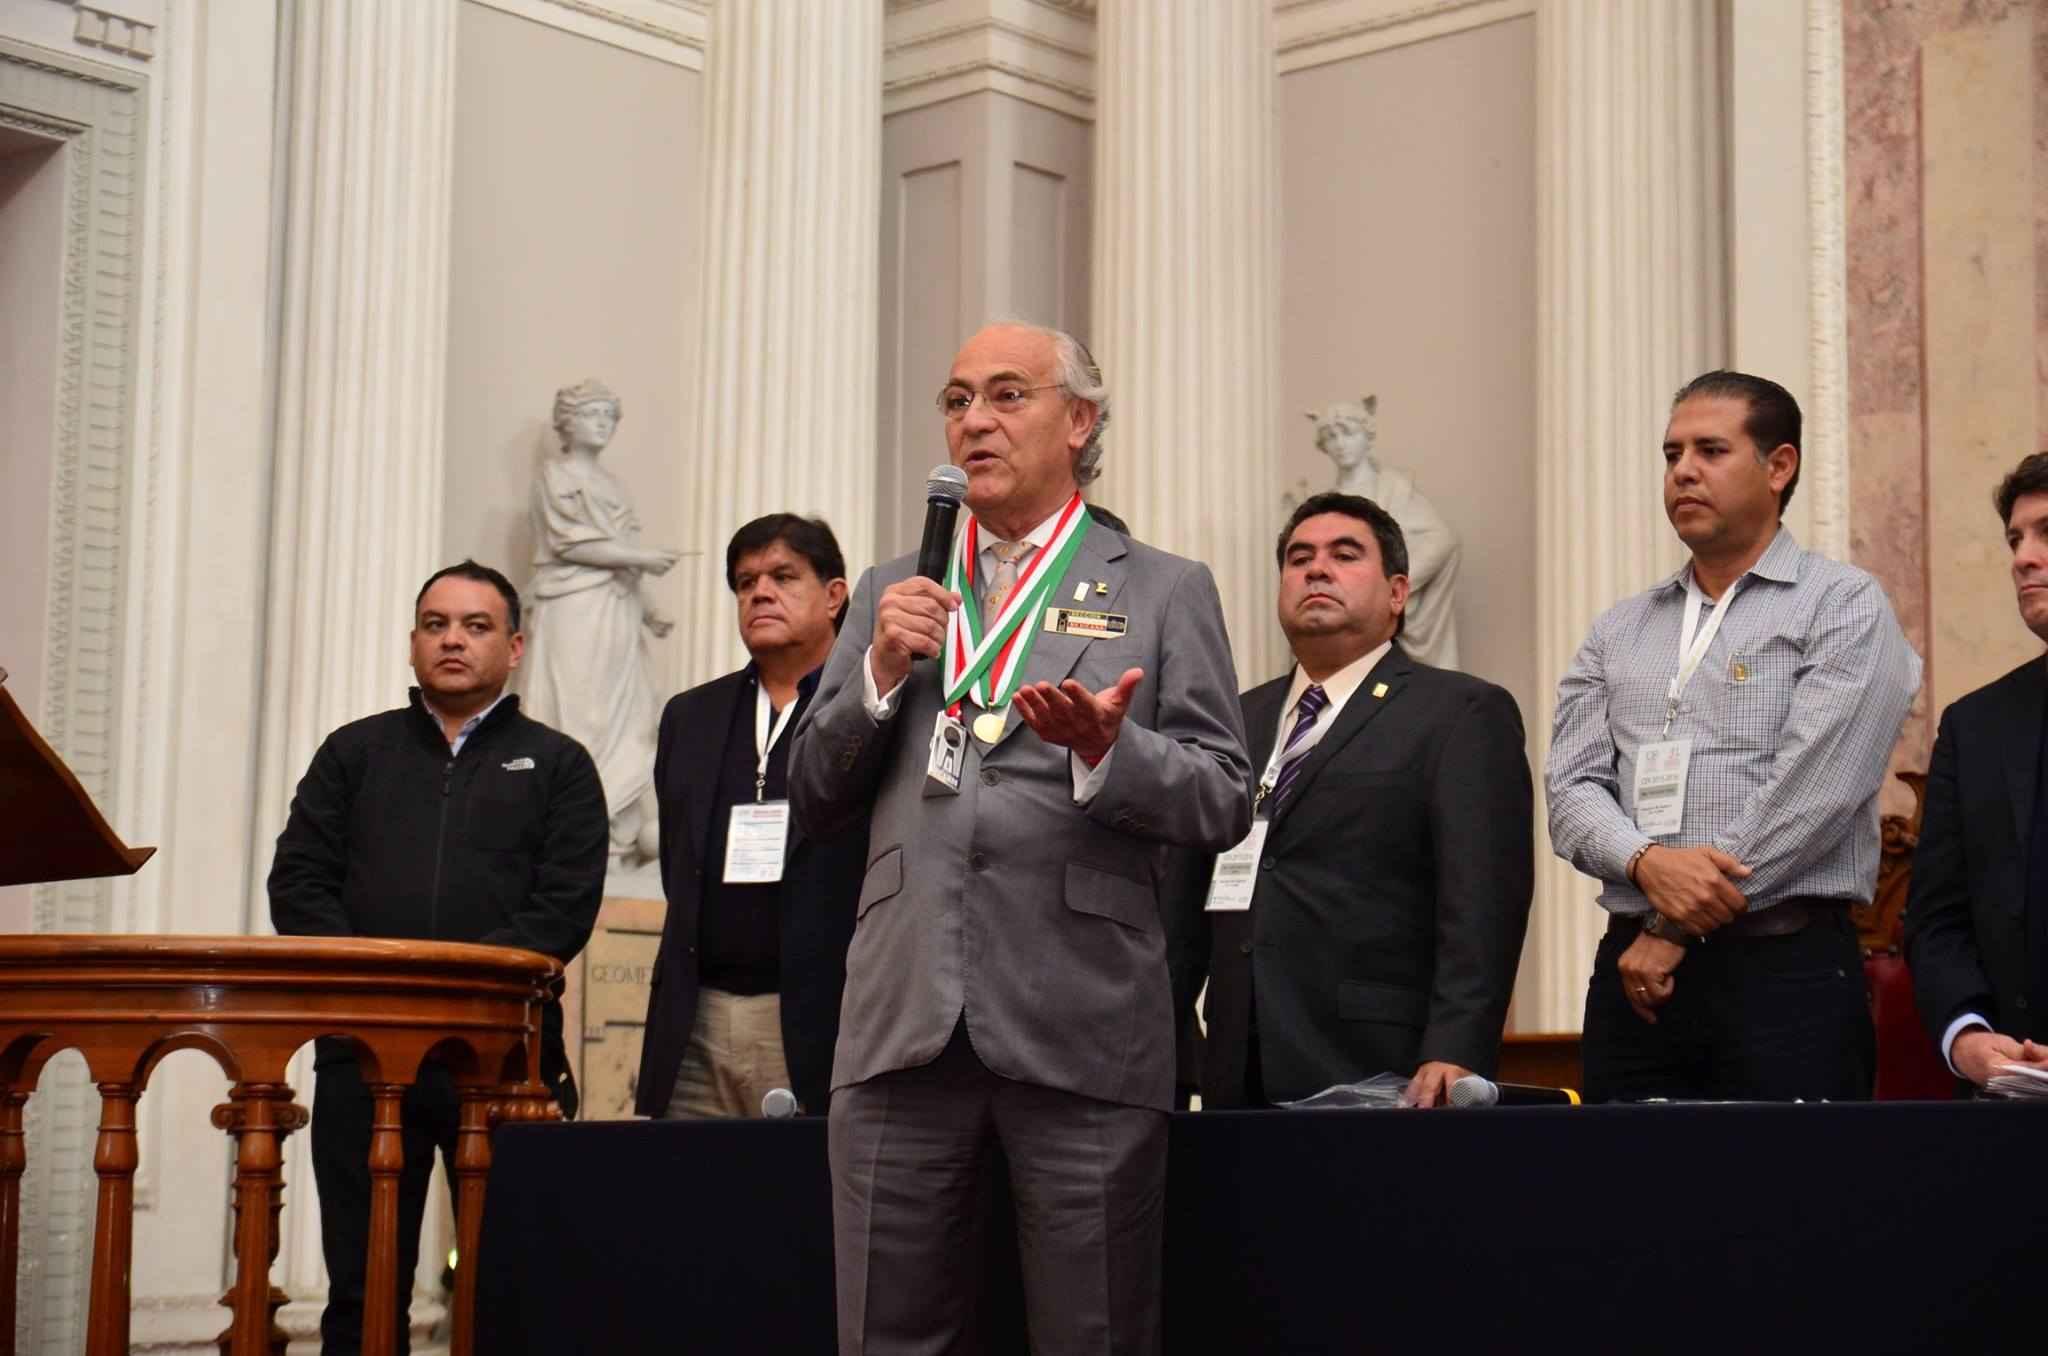 José Luis Cortés Delgado es nombrado presidente de la FCARM